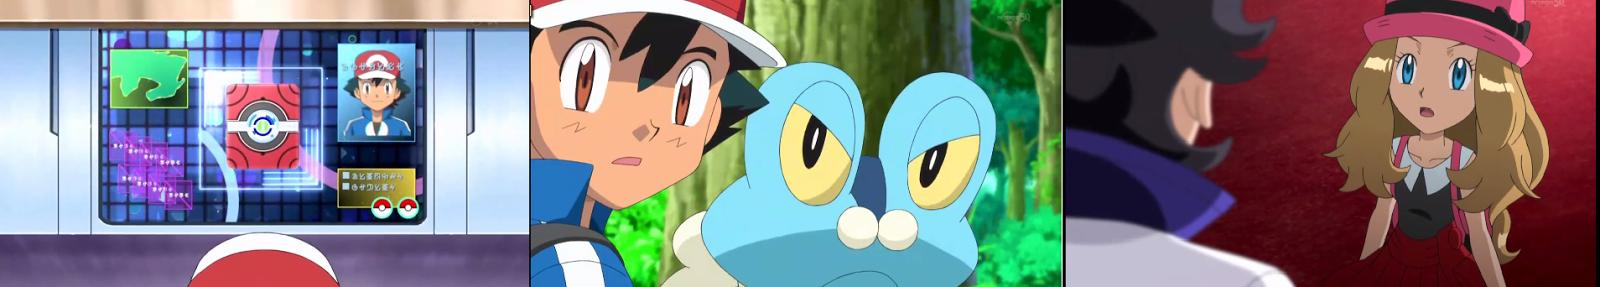 Pokémon - Capítulo 3 -  Temporada 17 - Audio Latino